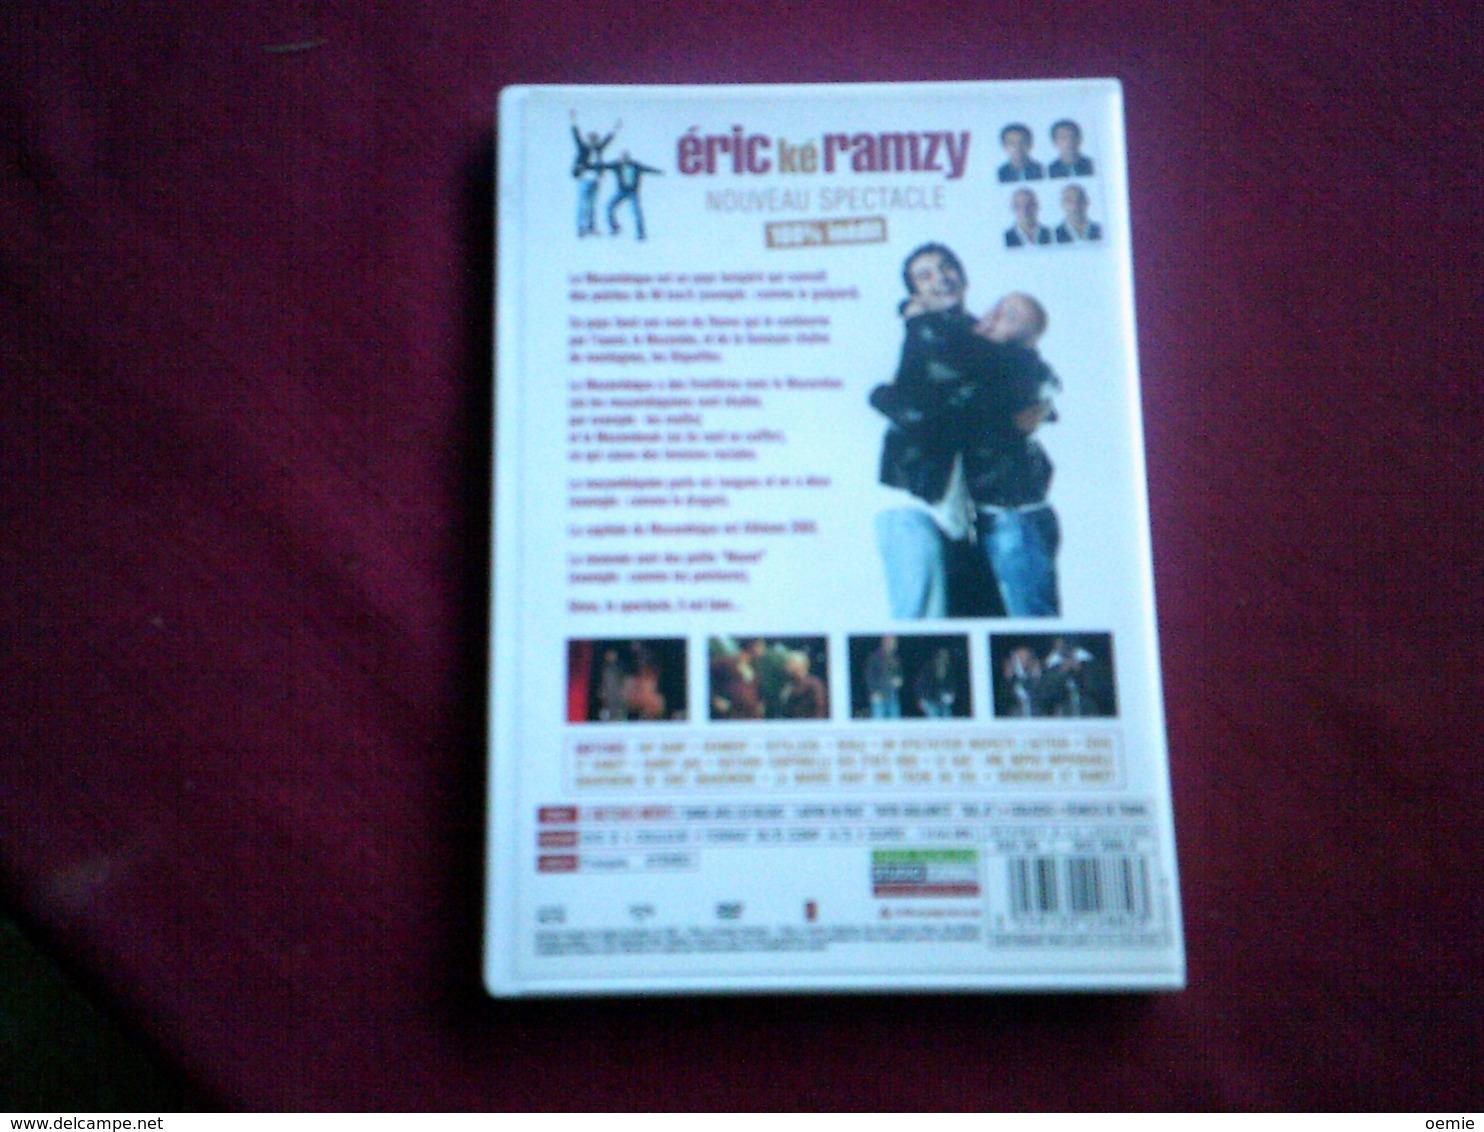 ERIC KE RAMZY   °°   NOUVEAU SPECTACLE - Concert & Music